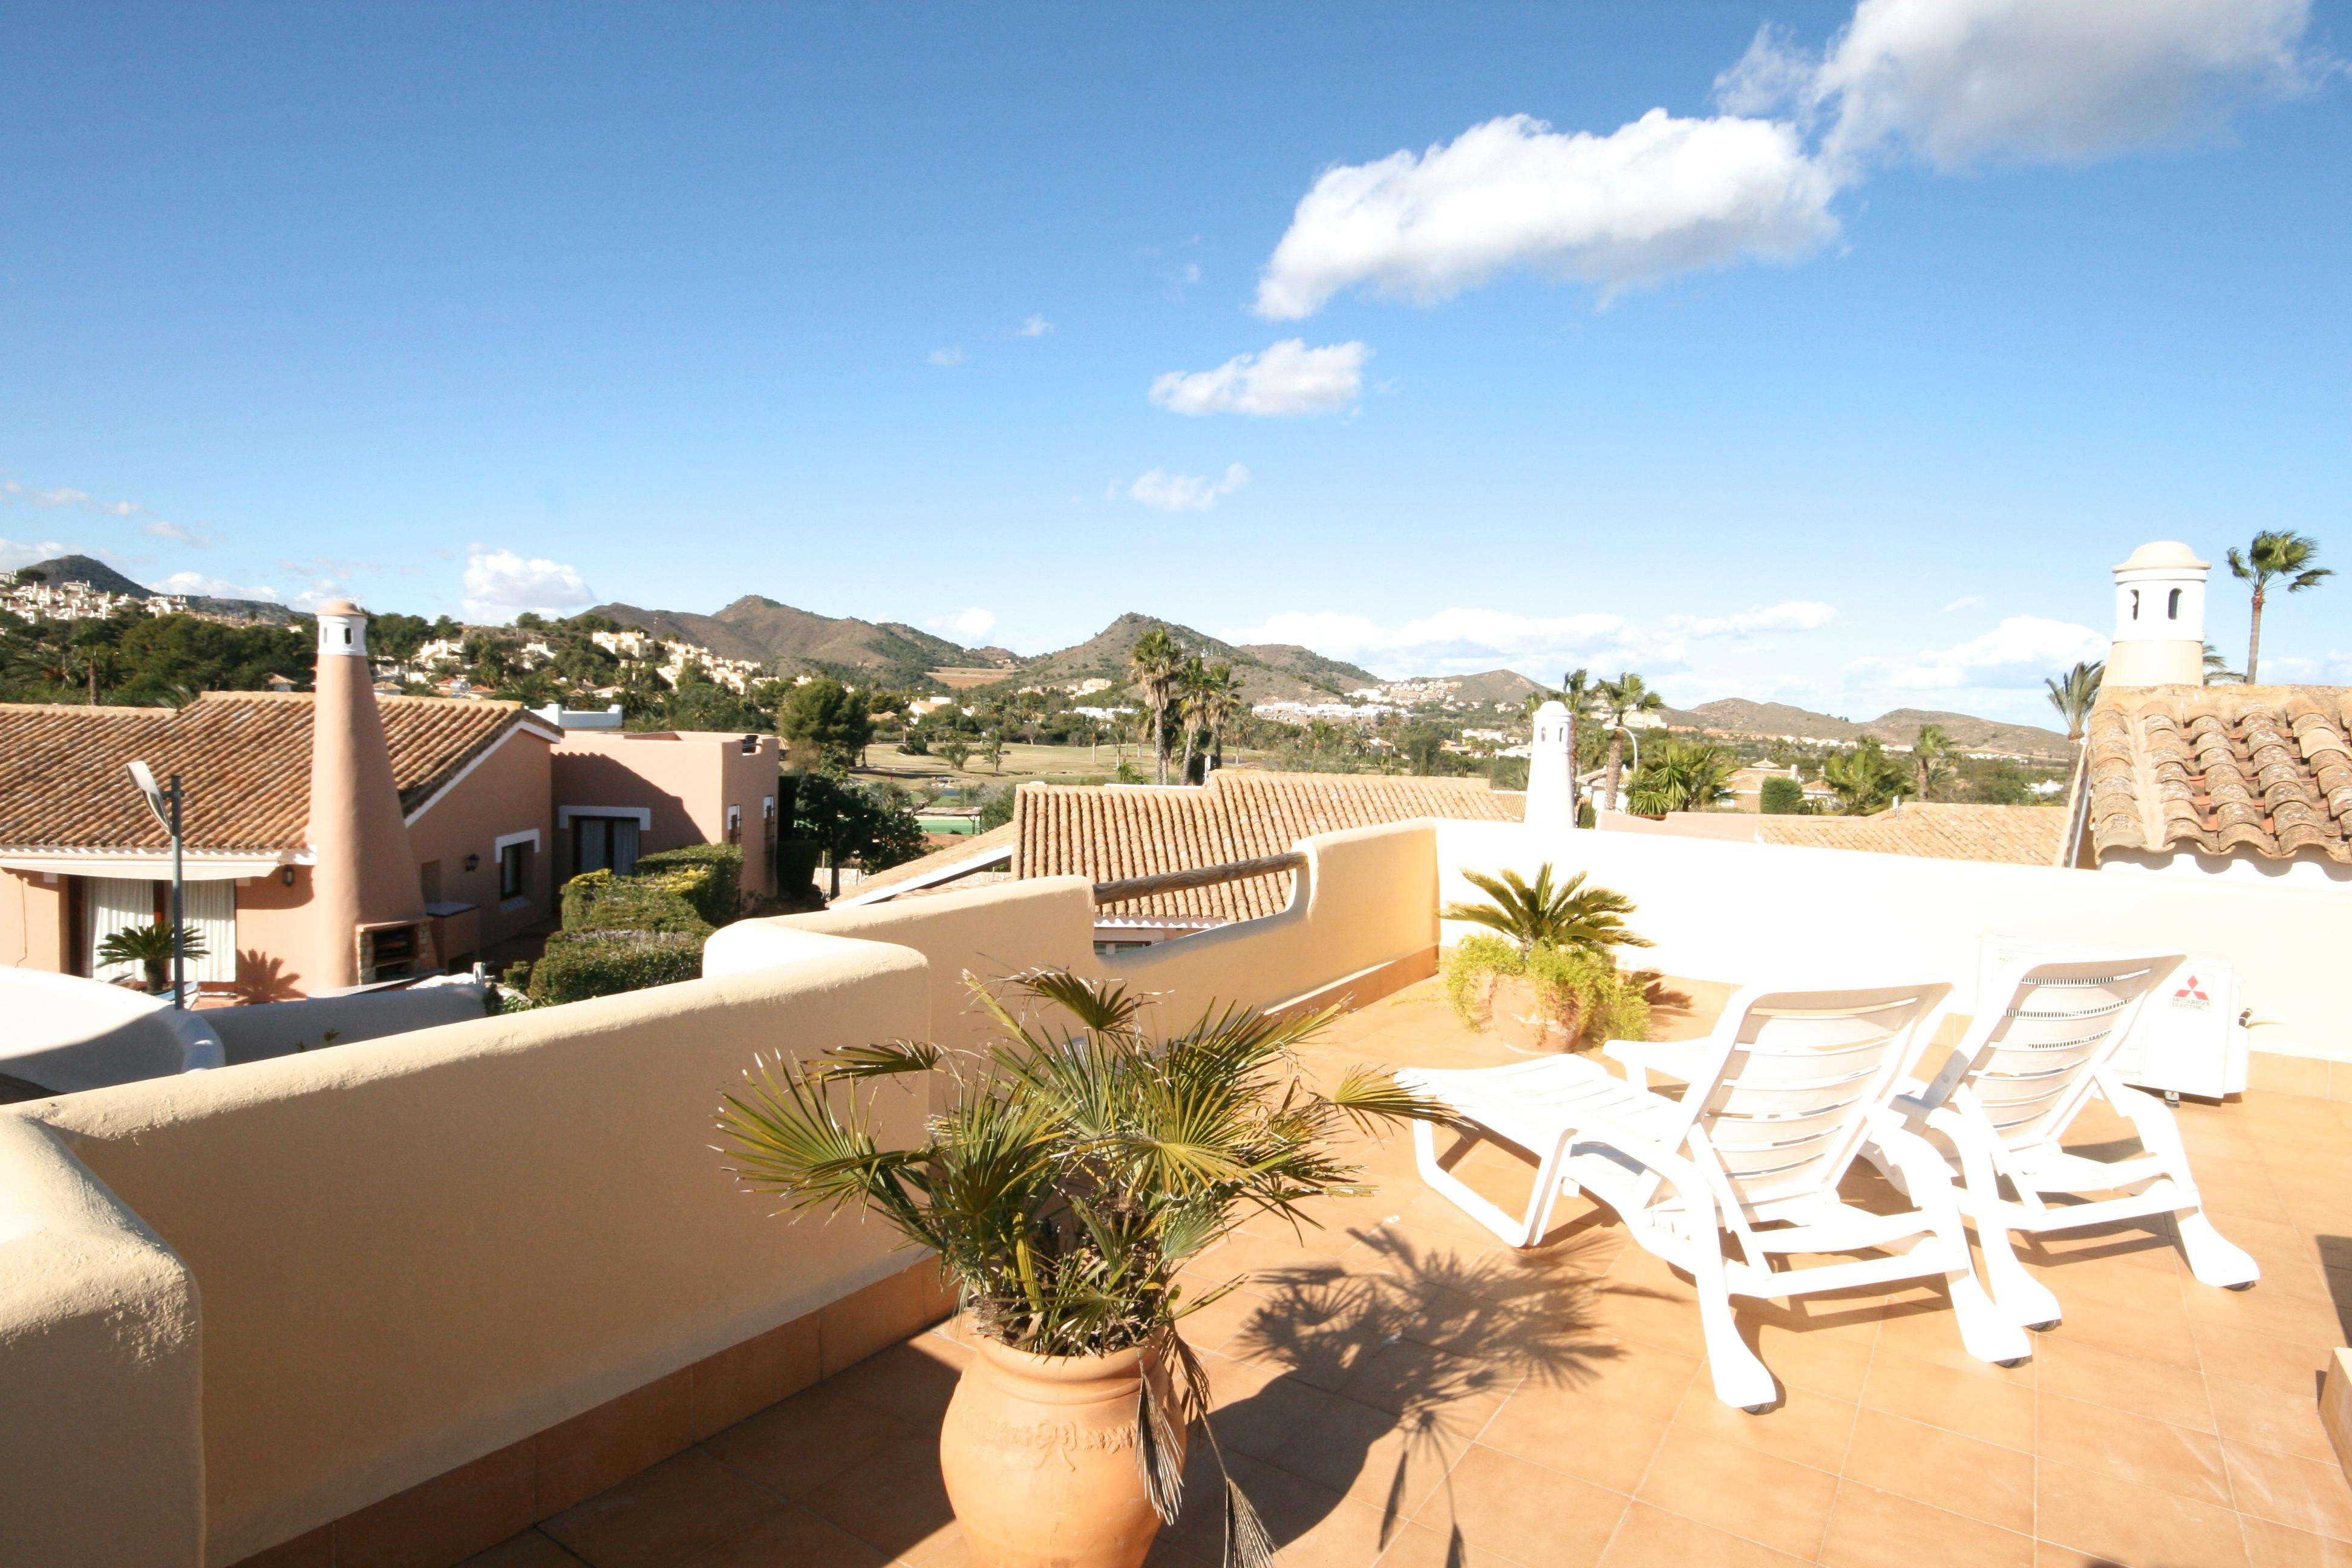 Hibisco Roof Terrace